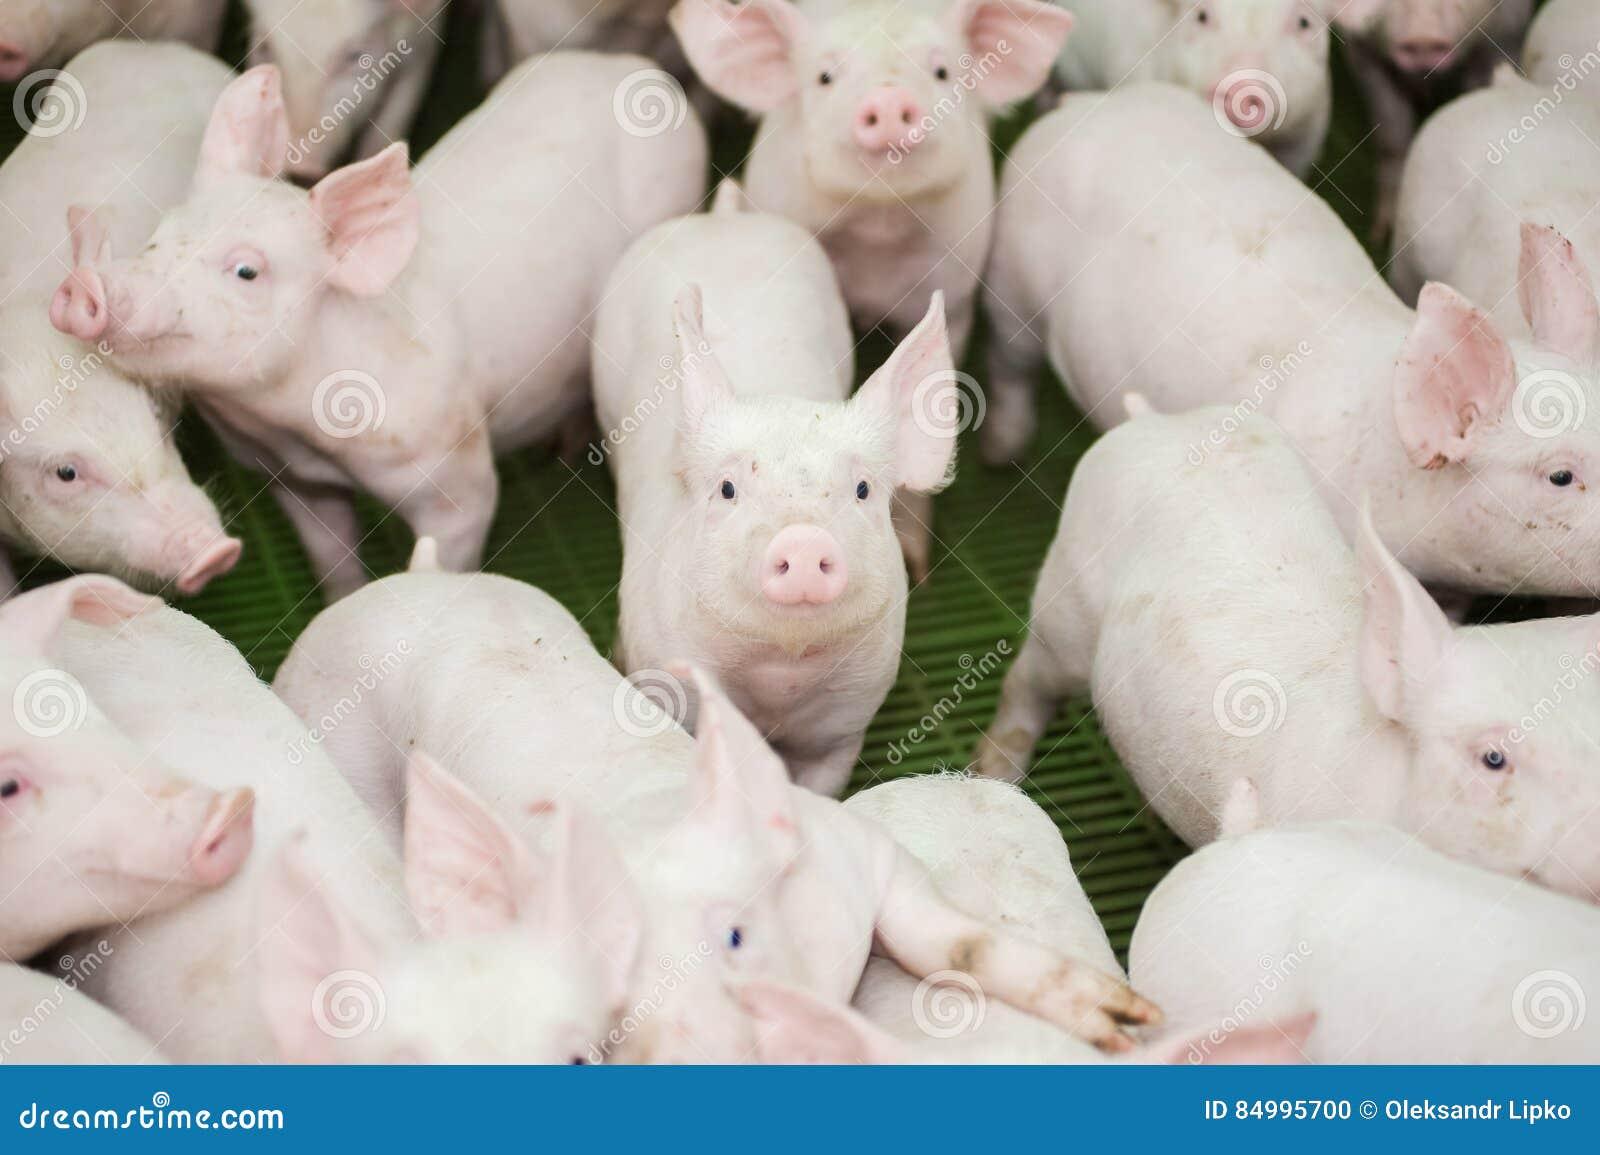 Schweinezuchtbetrieb Kleine Ferkel Schweinehaltung ist das Anheben und das Züchten von Hausschweinen